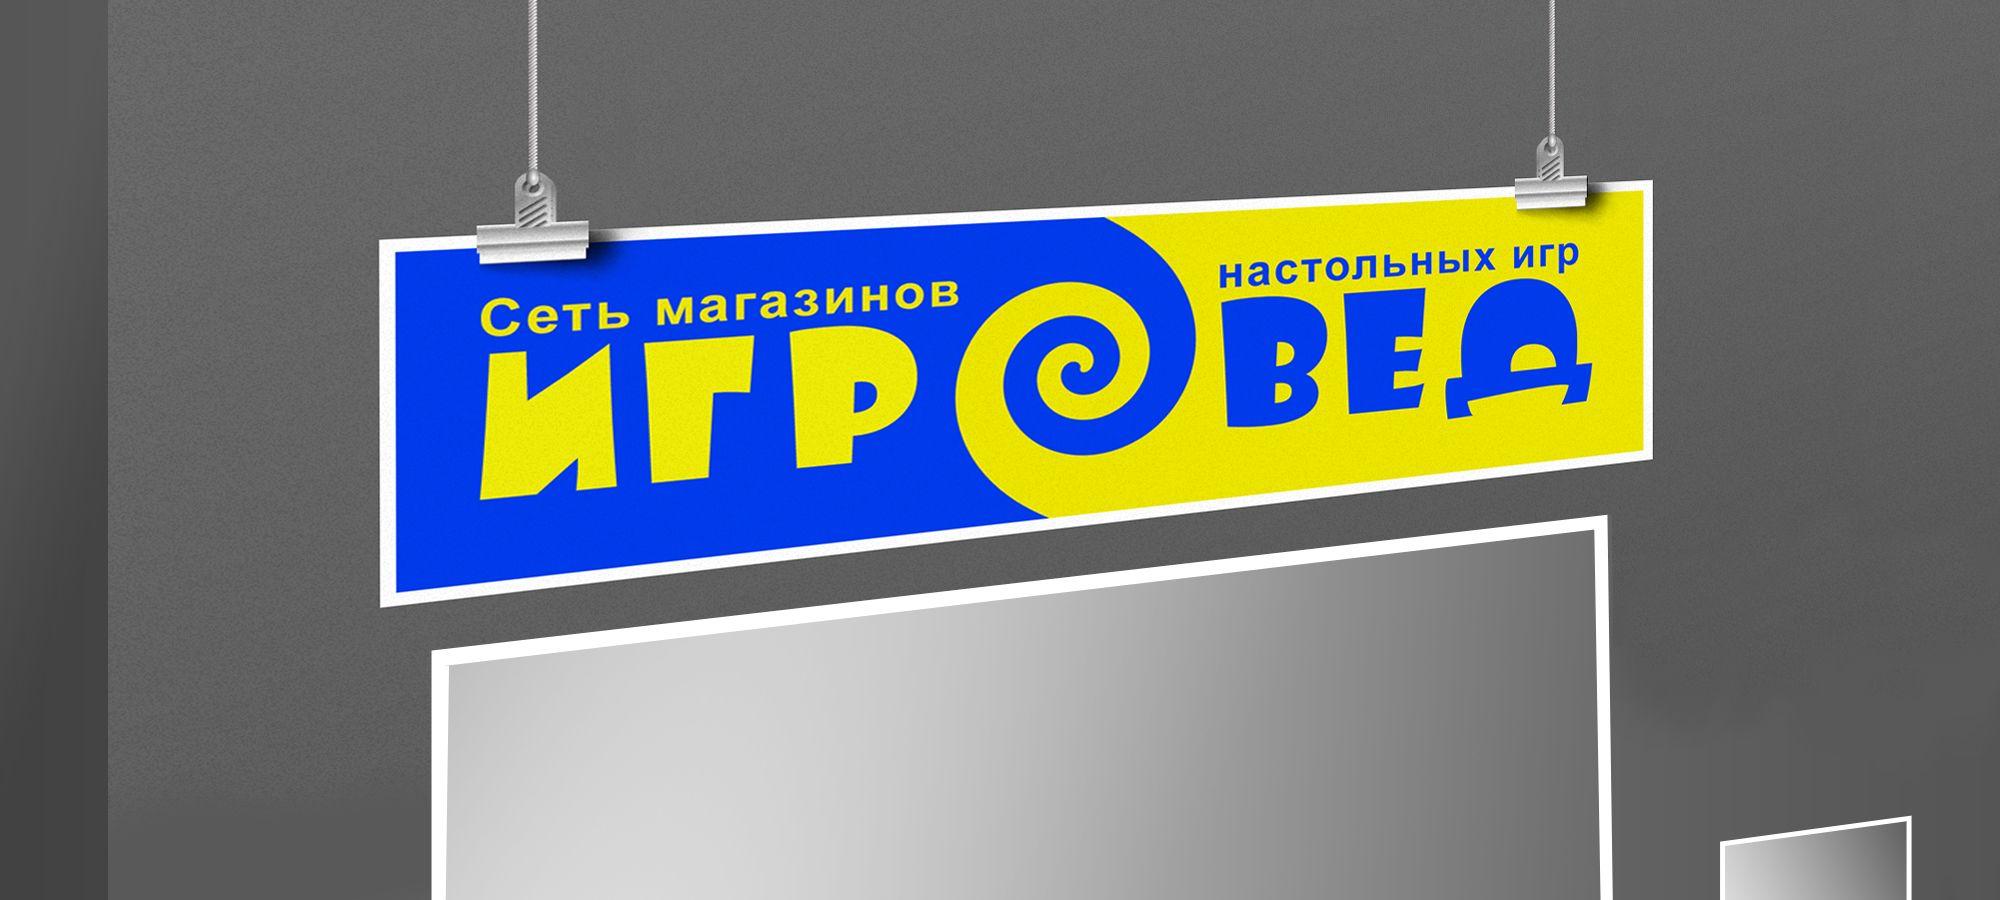 Логотип для сети магазинов настольных игр ИГРОВЕД - дизайнер indigo_brise